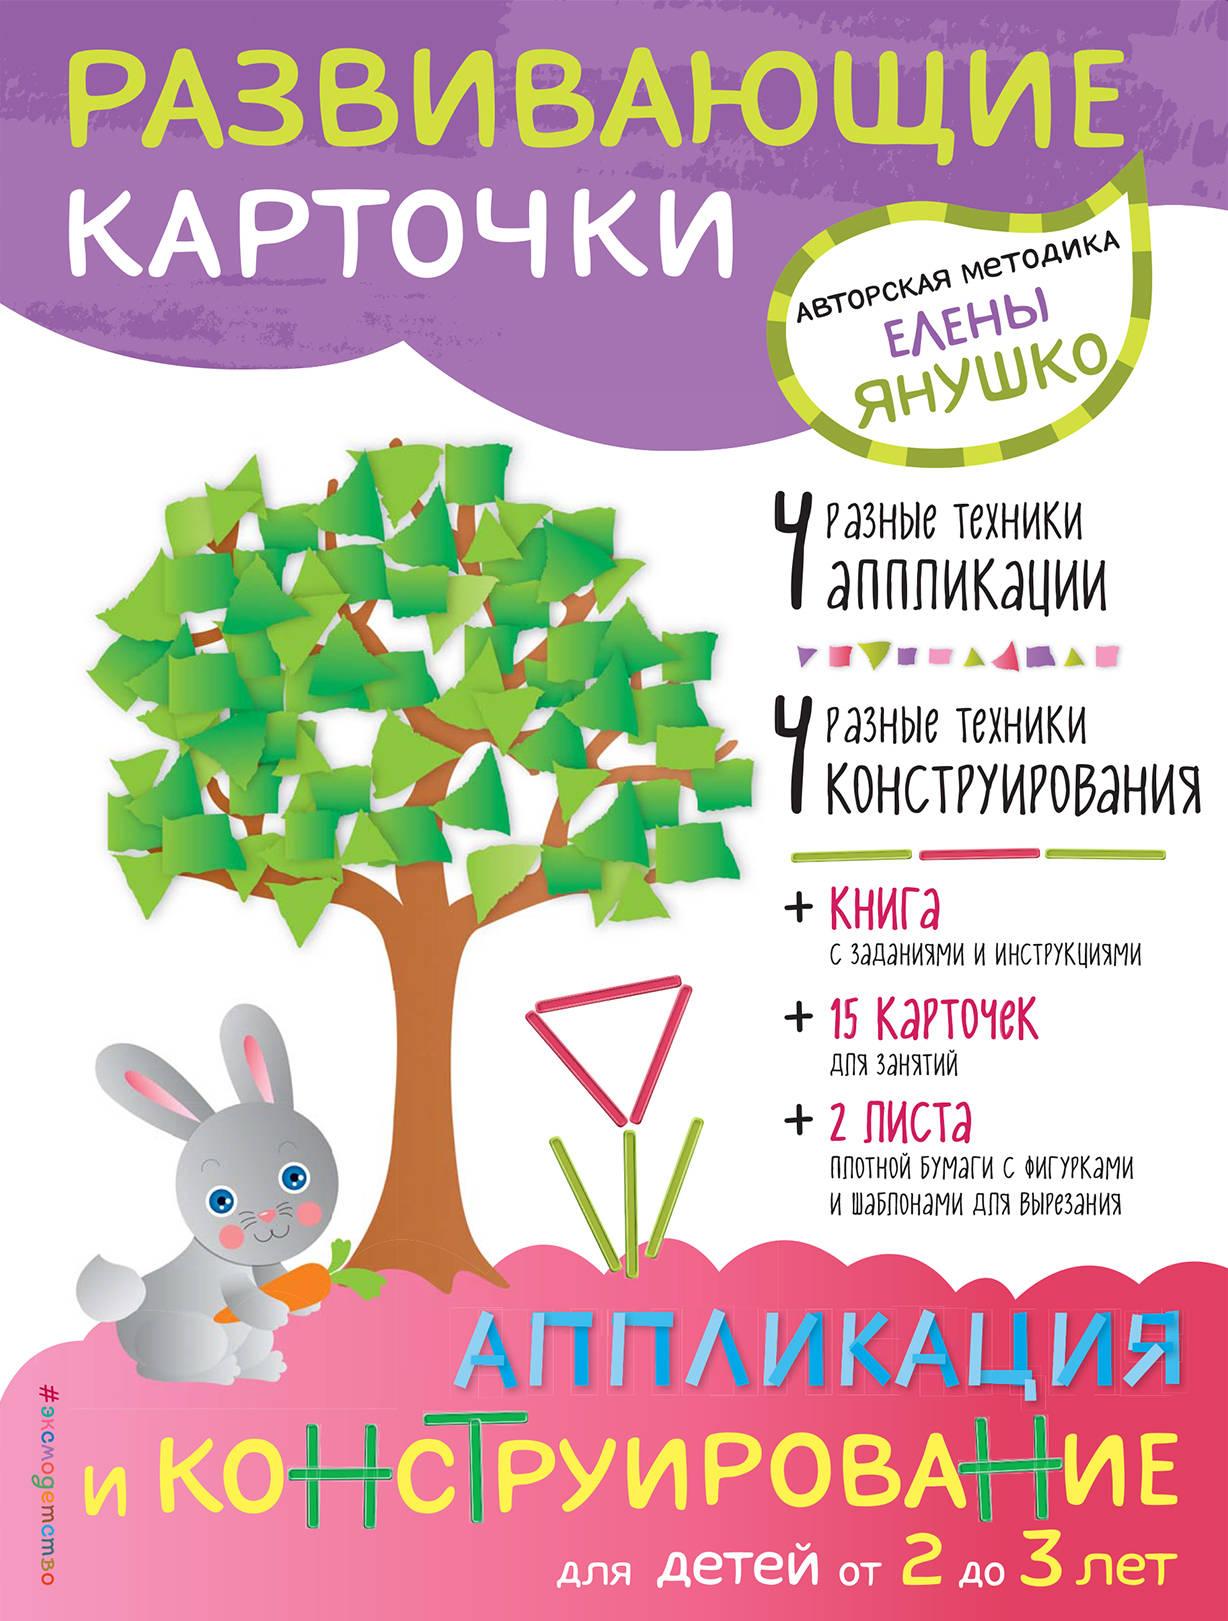 Е. Янушко Аппликация и конструирование для детей от 2 до 3 лет (+ развивающие карточки) янушко е круглые картинки аппликация для детей от 2 лет